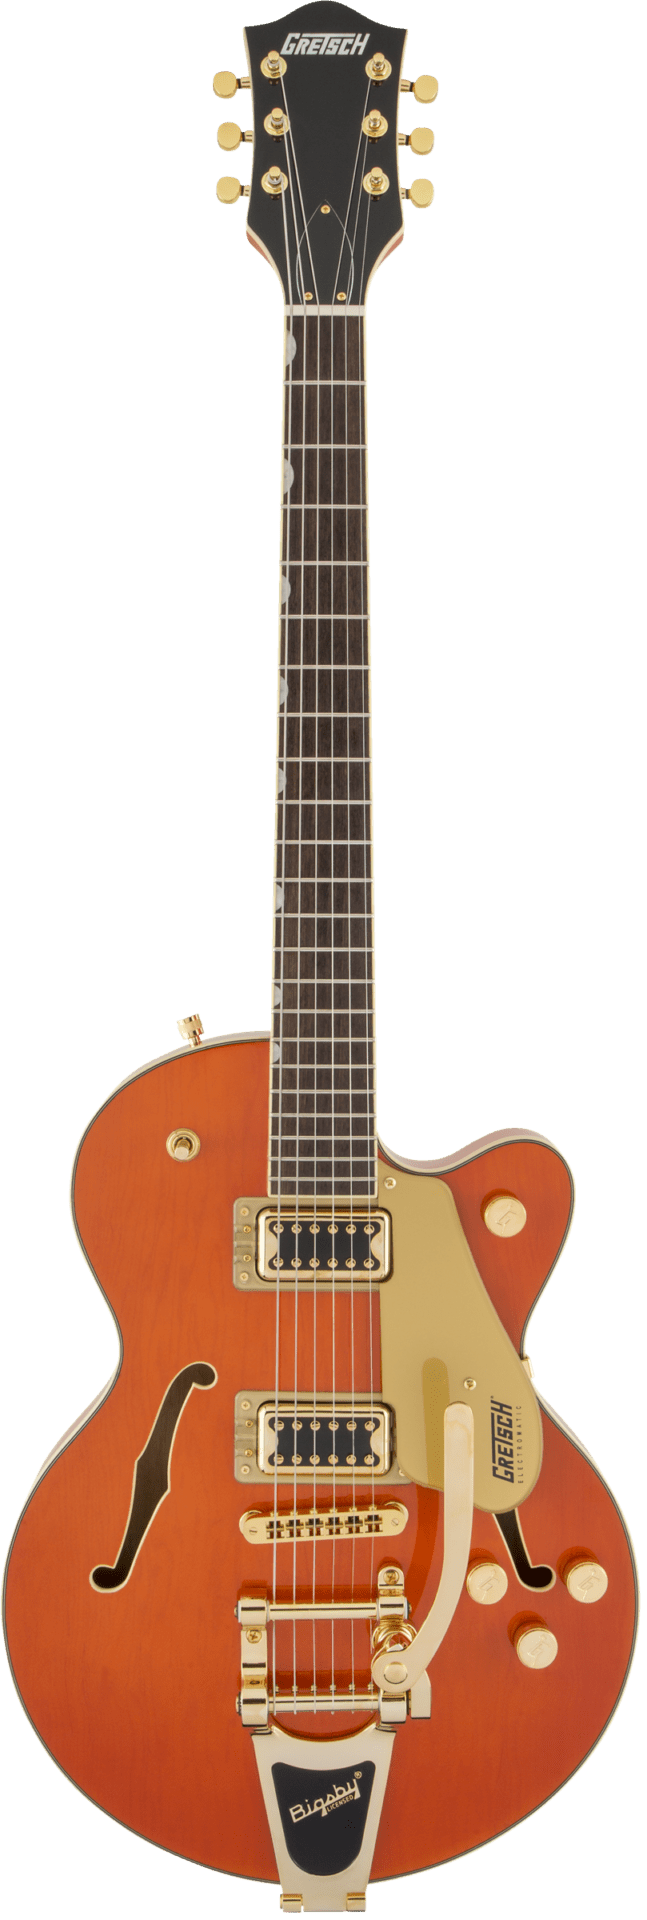 GRETSCH G5655TG ORANGE